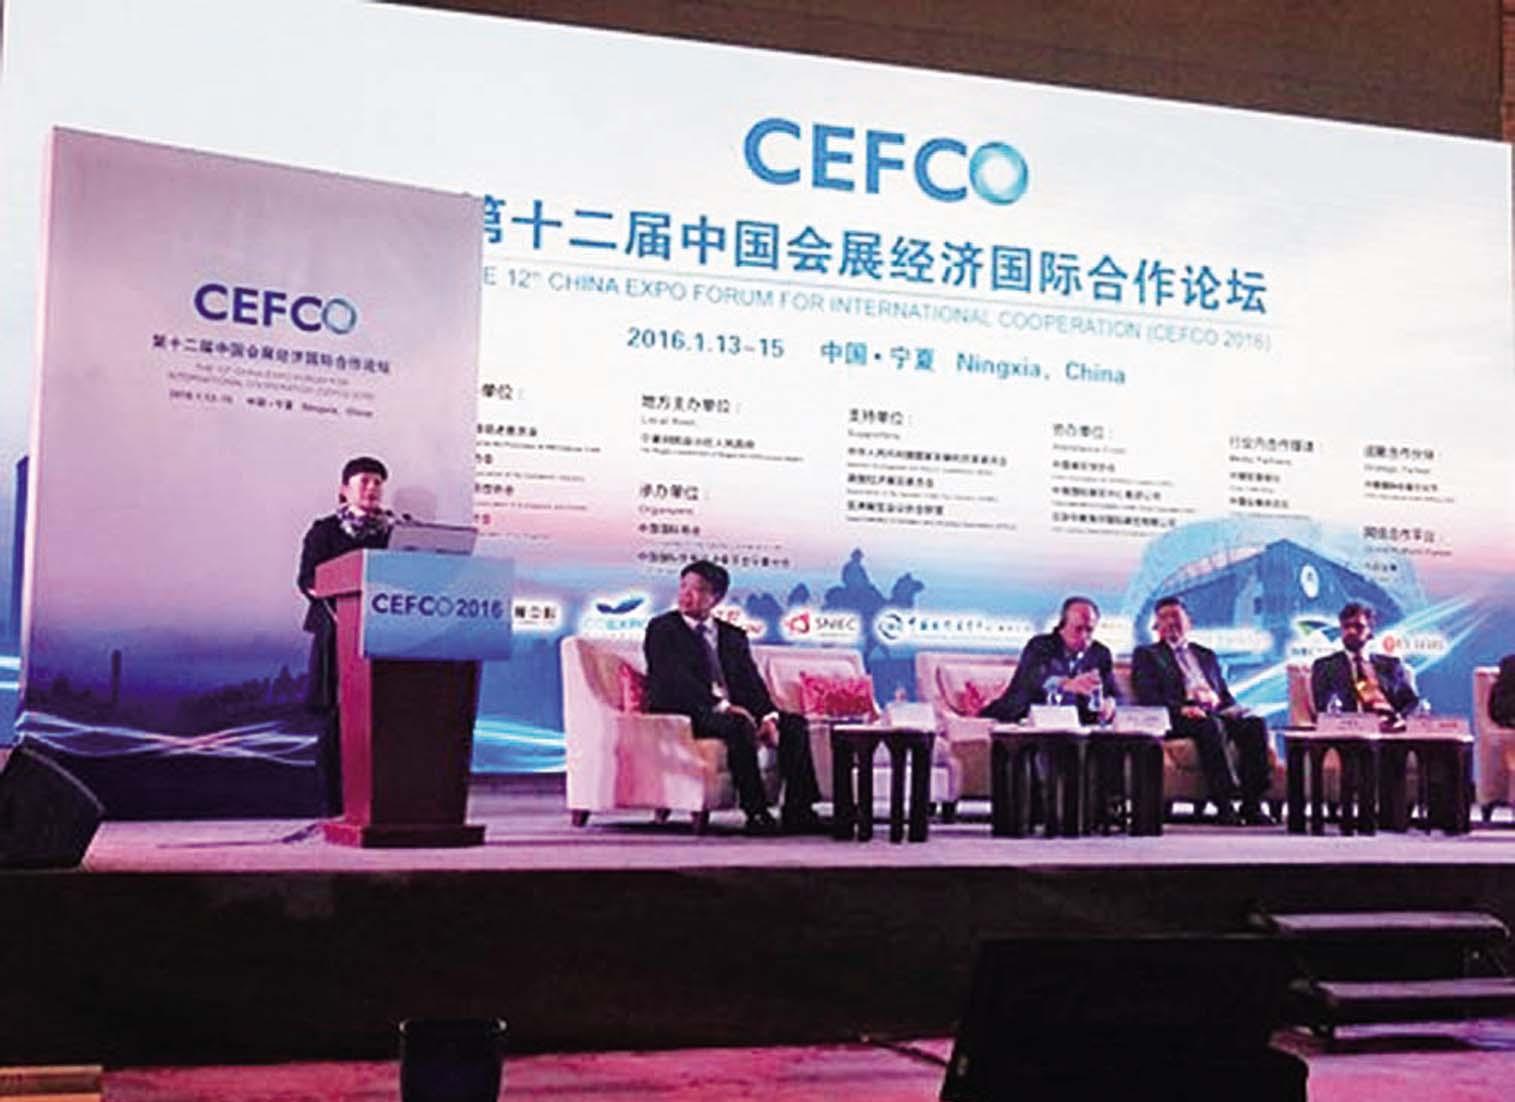 澳門代表參加中國會展論壇